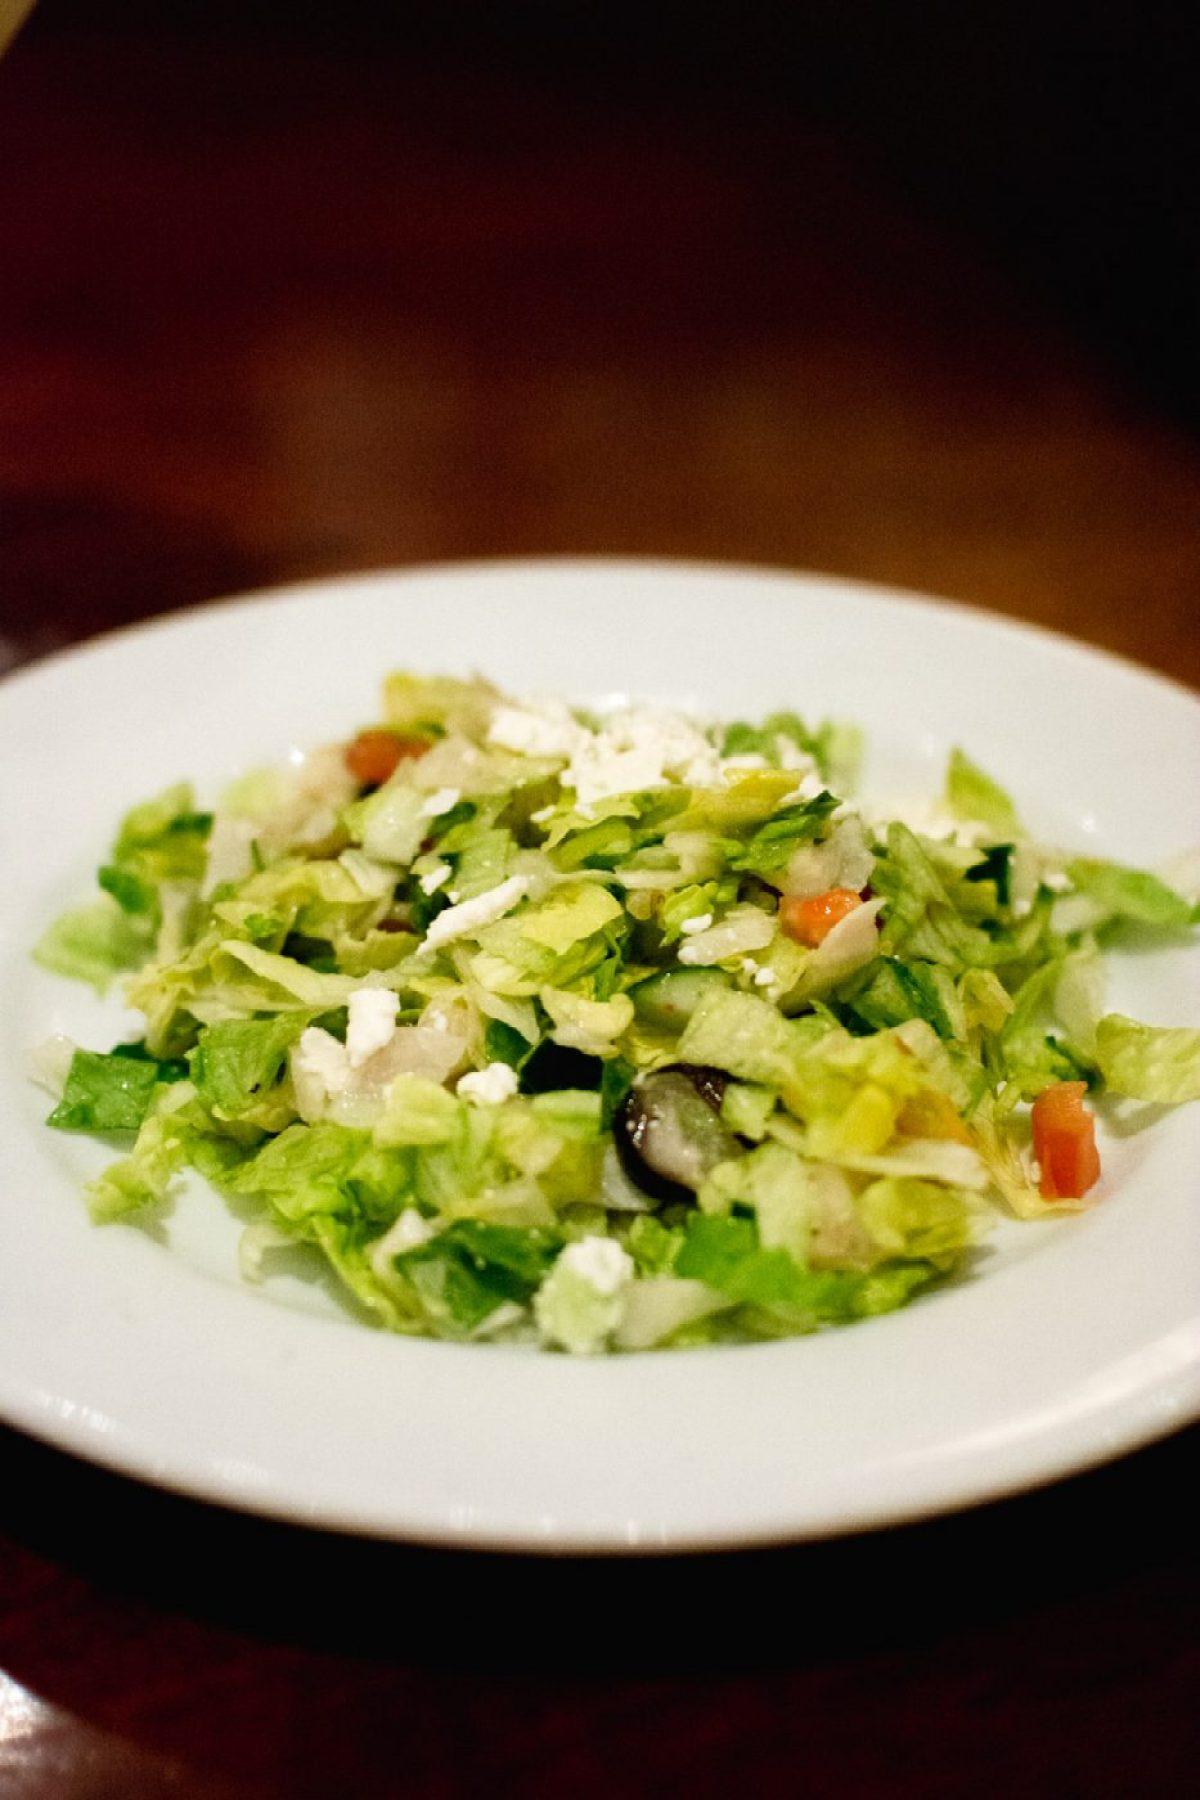 Salad at BRAVO